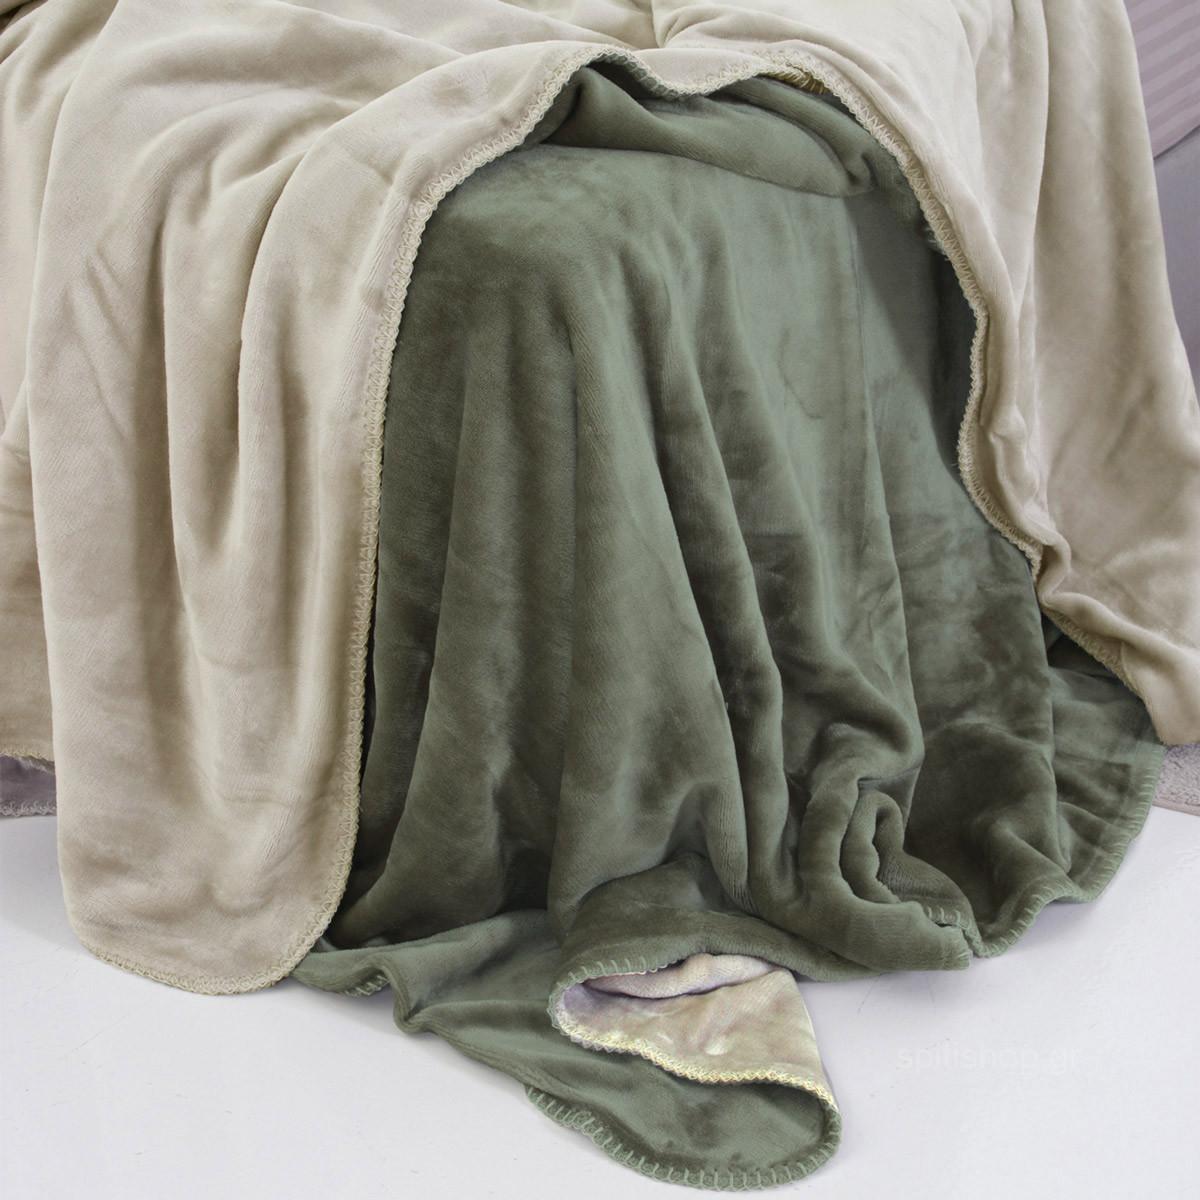 Κουβέρτα Fleece Μονή 2 Όψεων Sb Home Abbracio Ivory